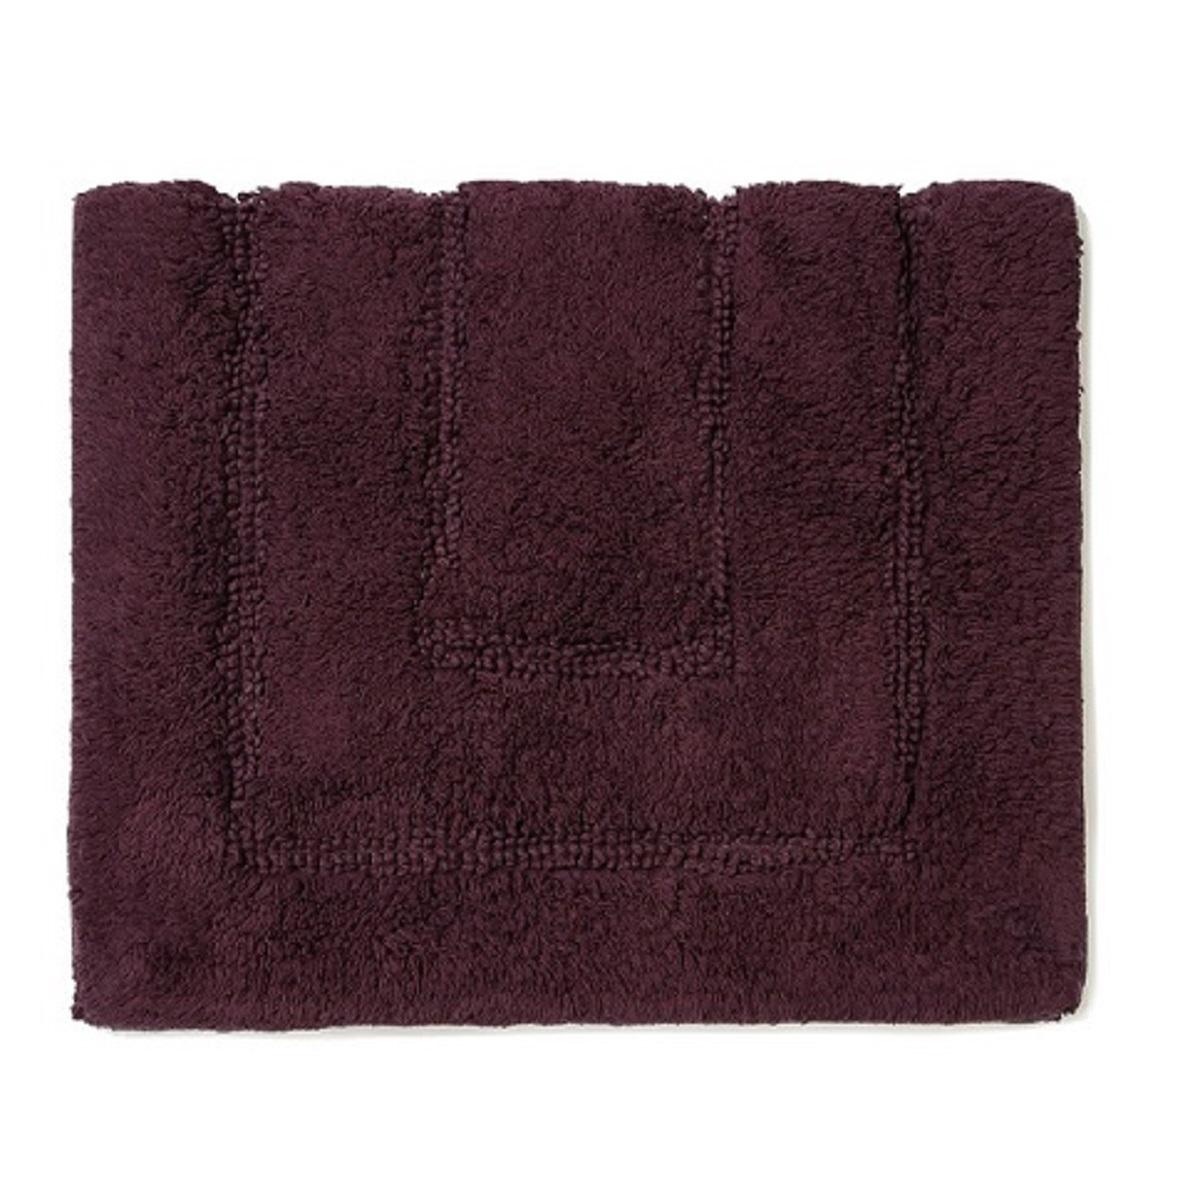 Коврики для ванной Элитный коврик для ванной Kassadesign Plum от Kassatex elitnyy-kovrik-dlya-vannoy-kassadesign-plum-ot-kassatex-portugaliya.jpg